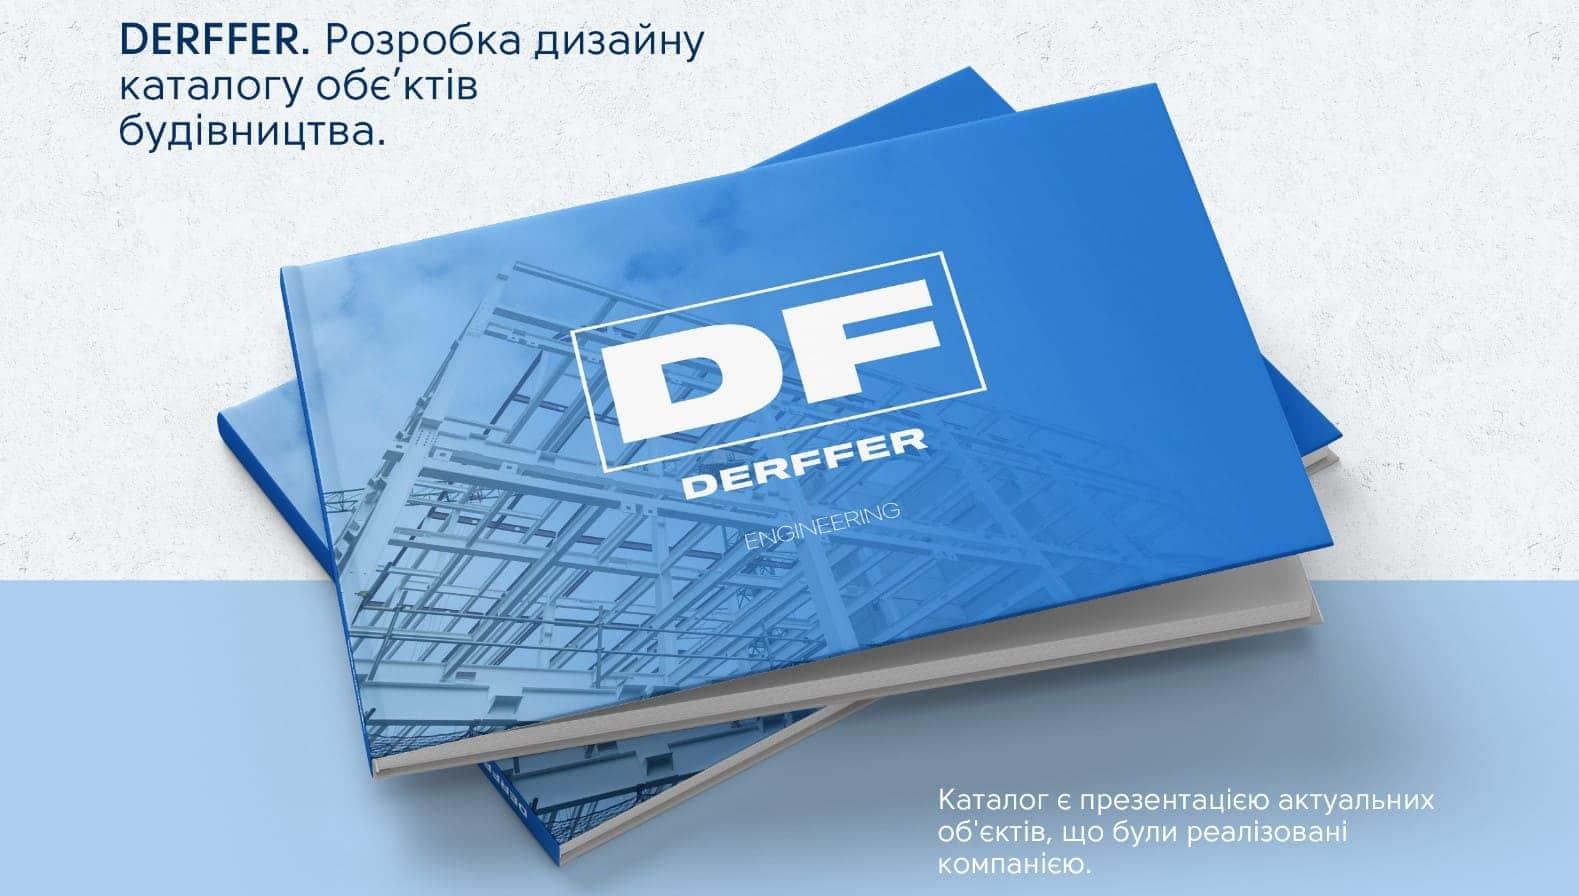 Разработка дизайна фирменного стиля